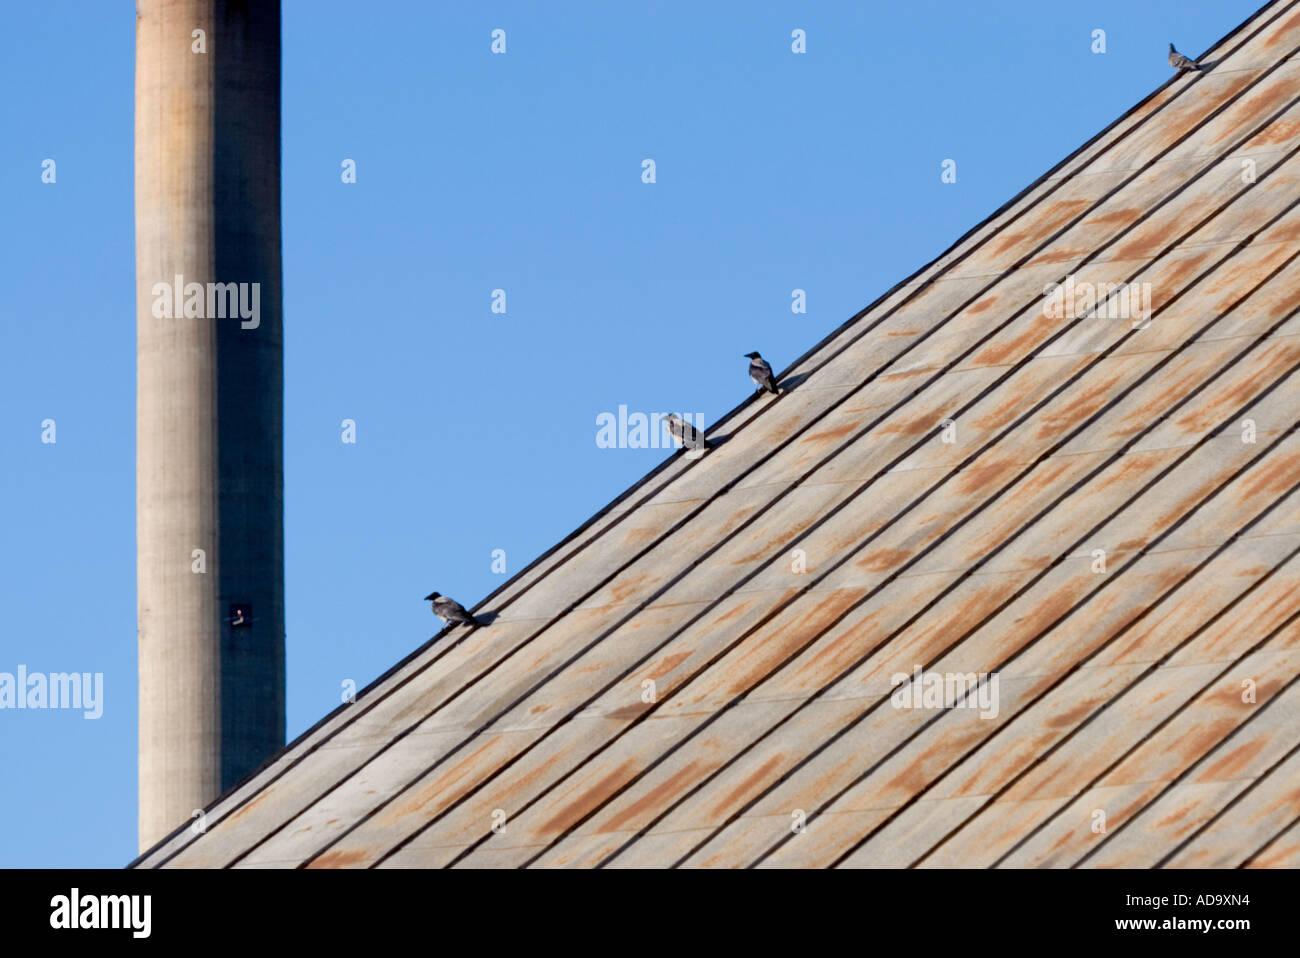 Tres cuervos ( Corvus corone ) y una paloma en un techo de estaño oxidado gastado, Finlandia Foto de stock